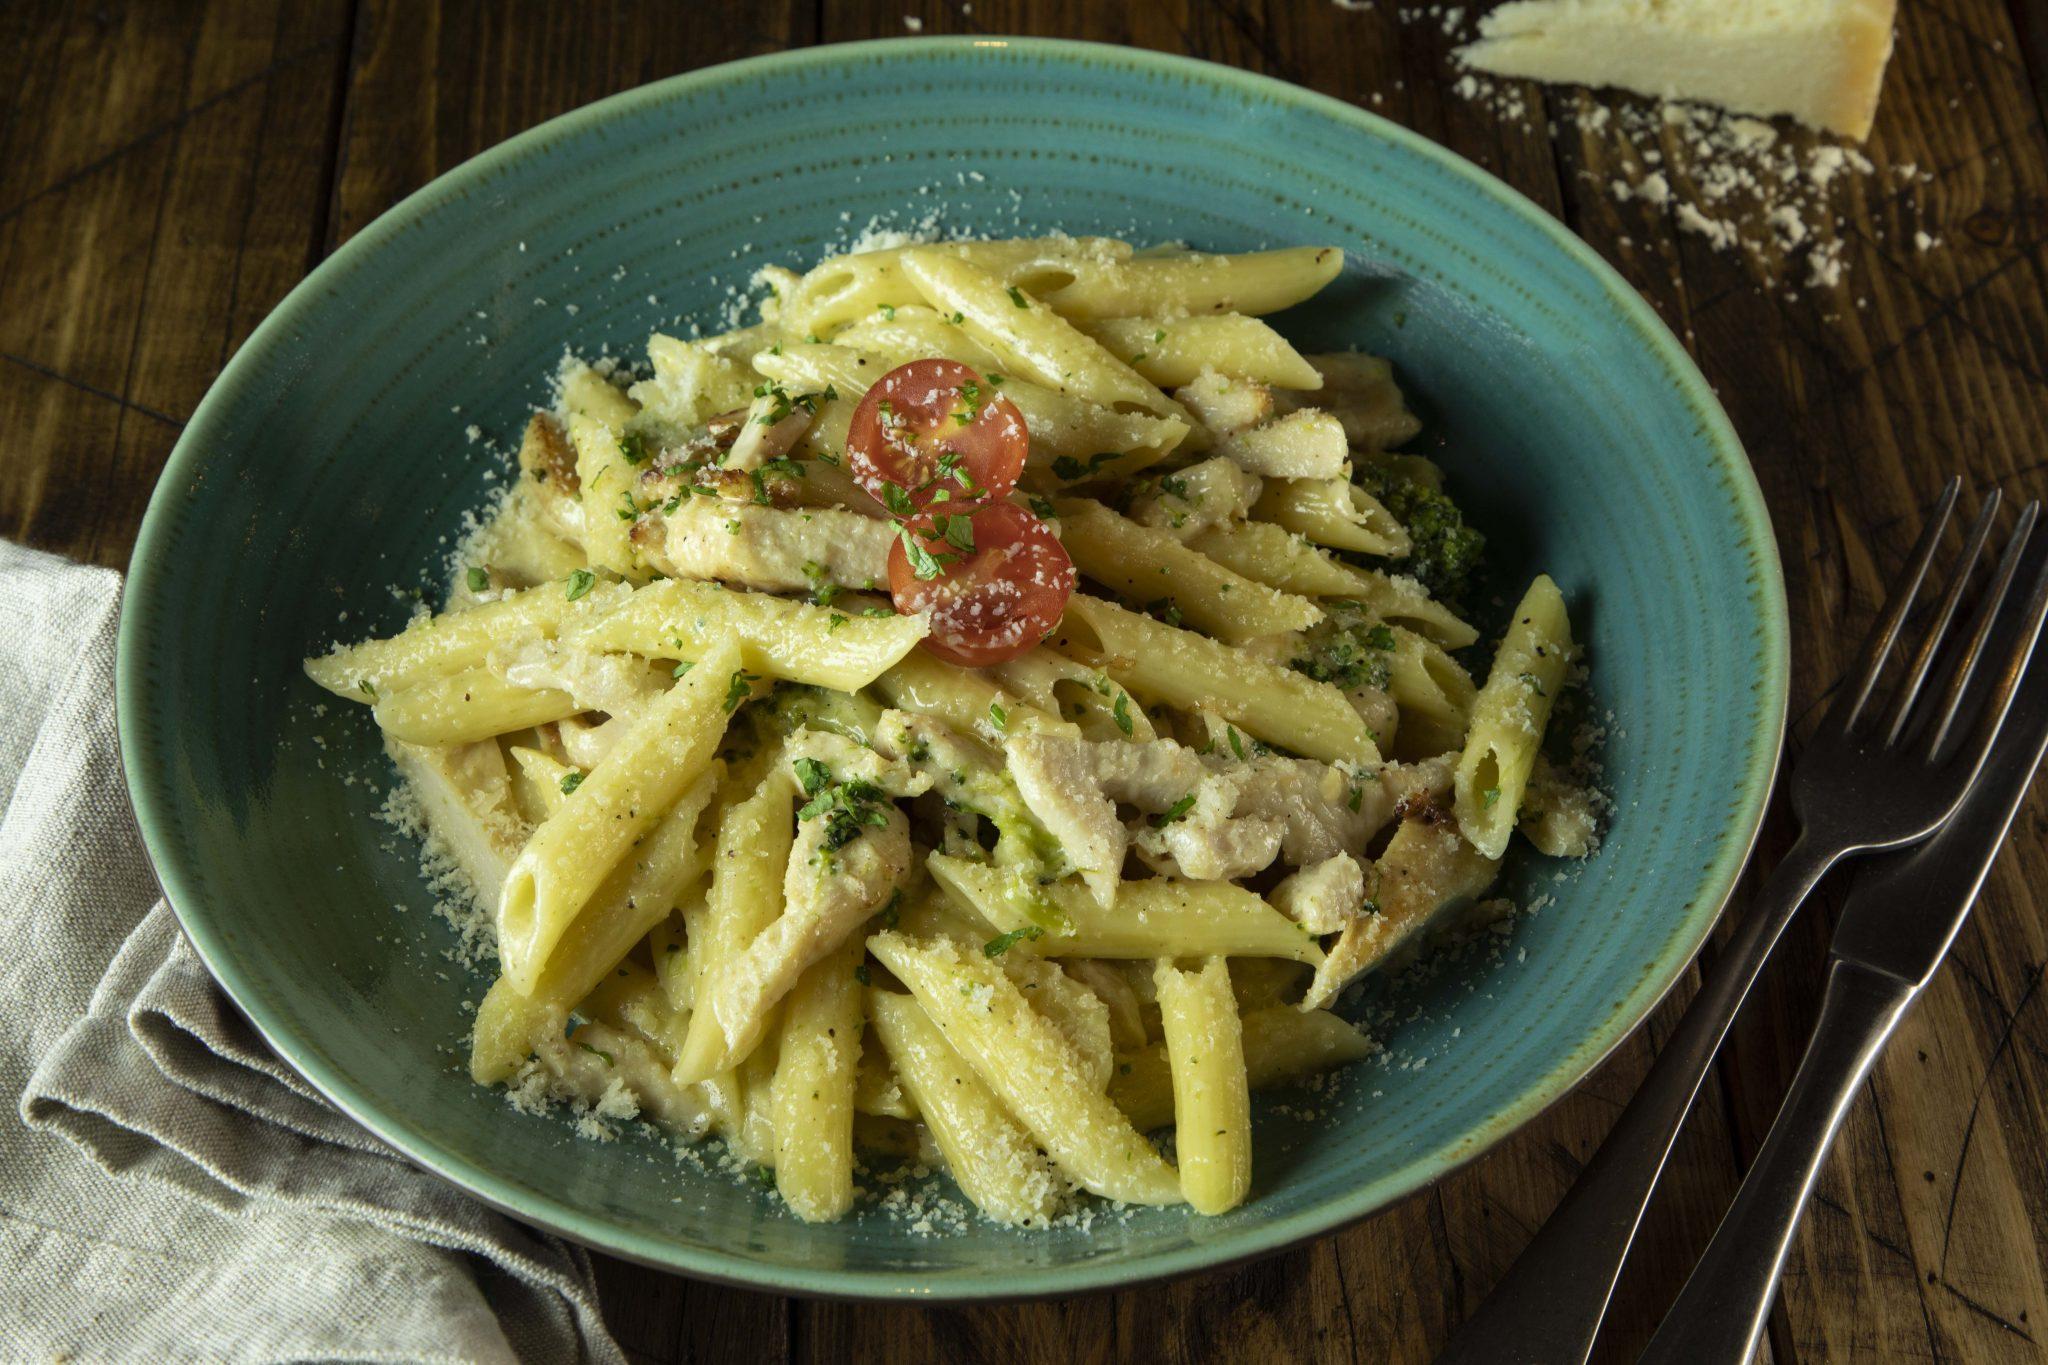 شهى الأطباق المستوحاة من المطبخ المتوسطي